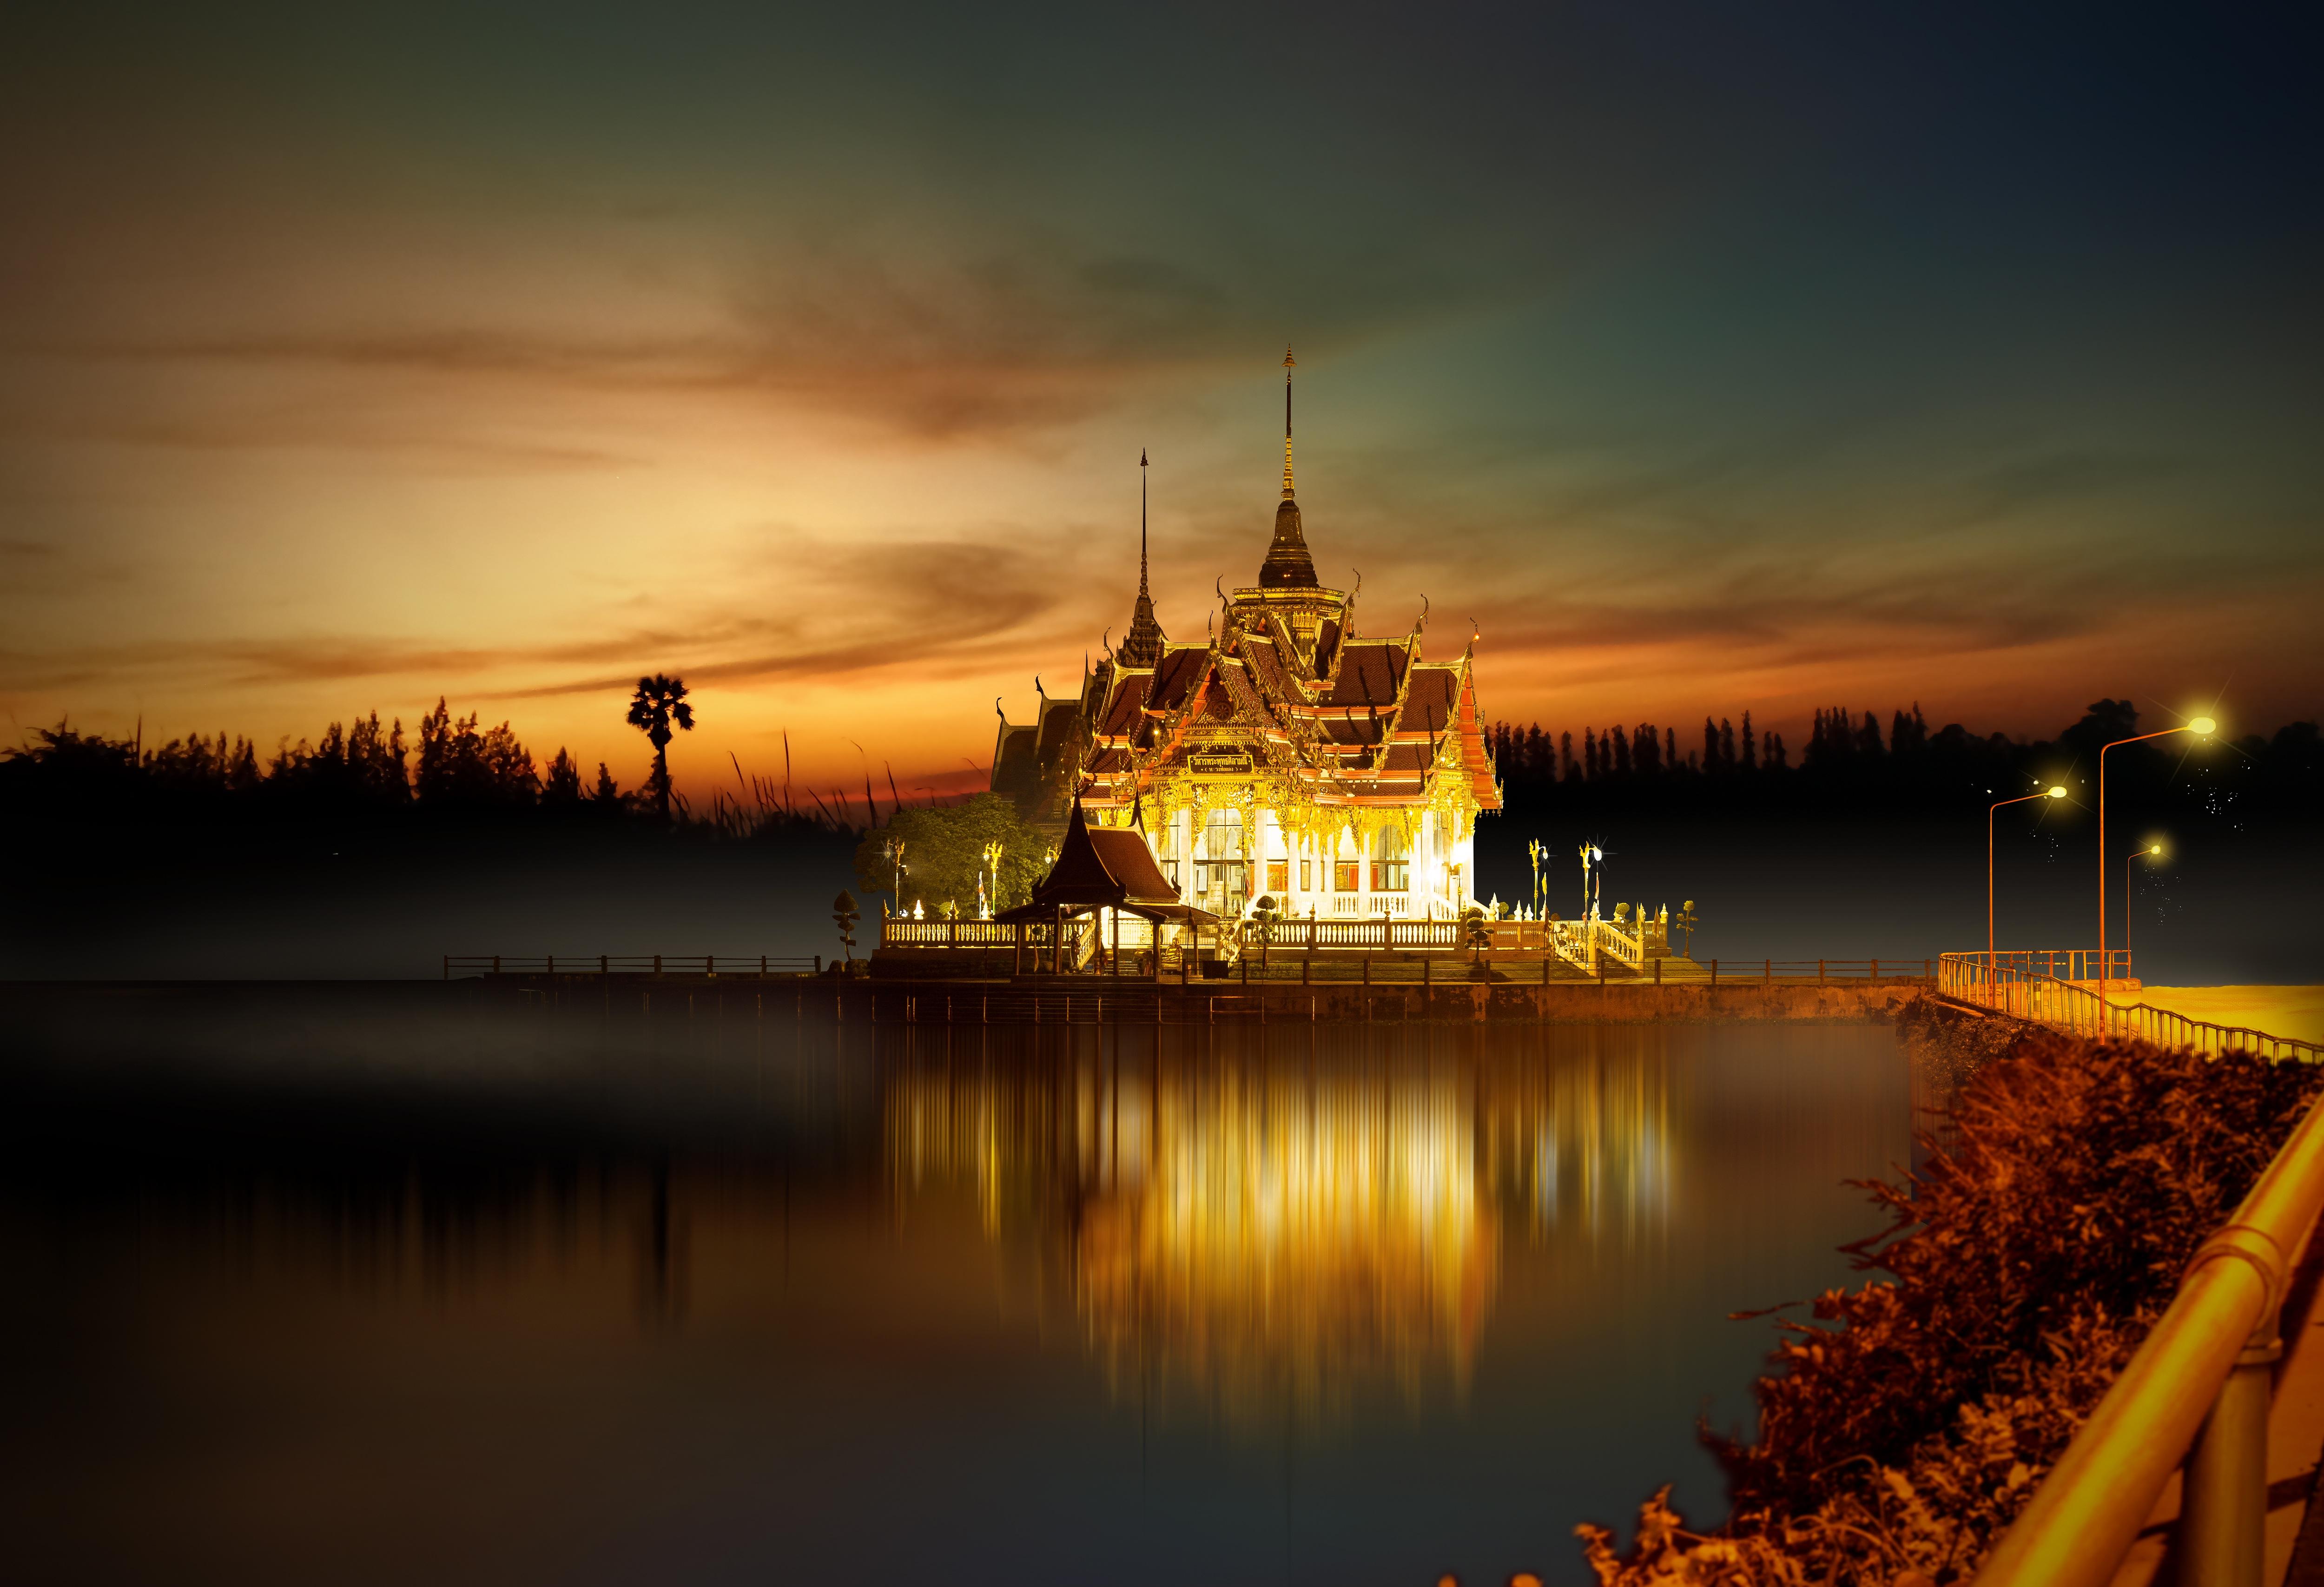 135838 Заставки и Обои Азия на телефон. Скачать Азия, Города, Архитектура, Буддизм, Храм, Освещение картинки бесплатно